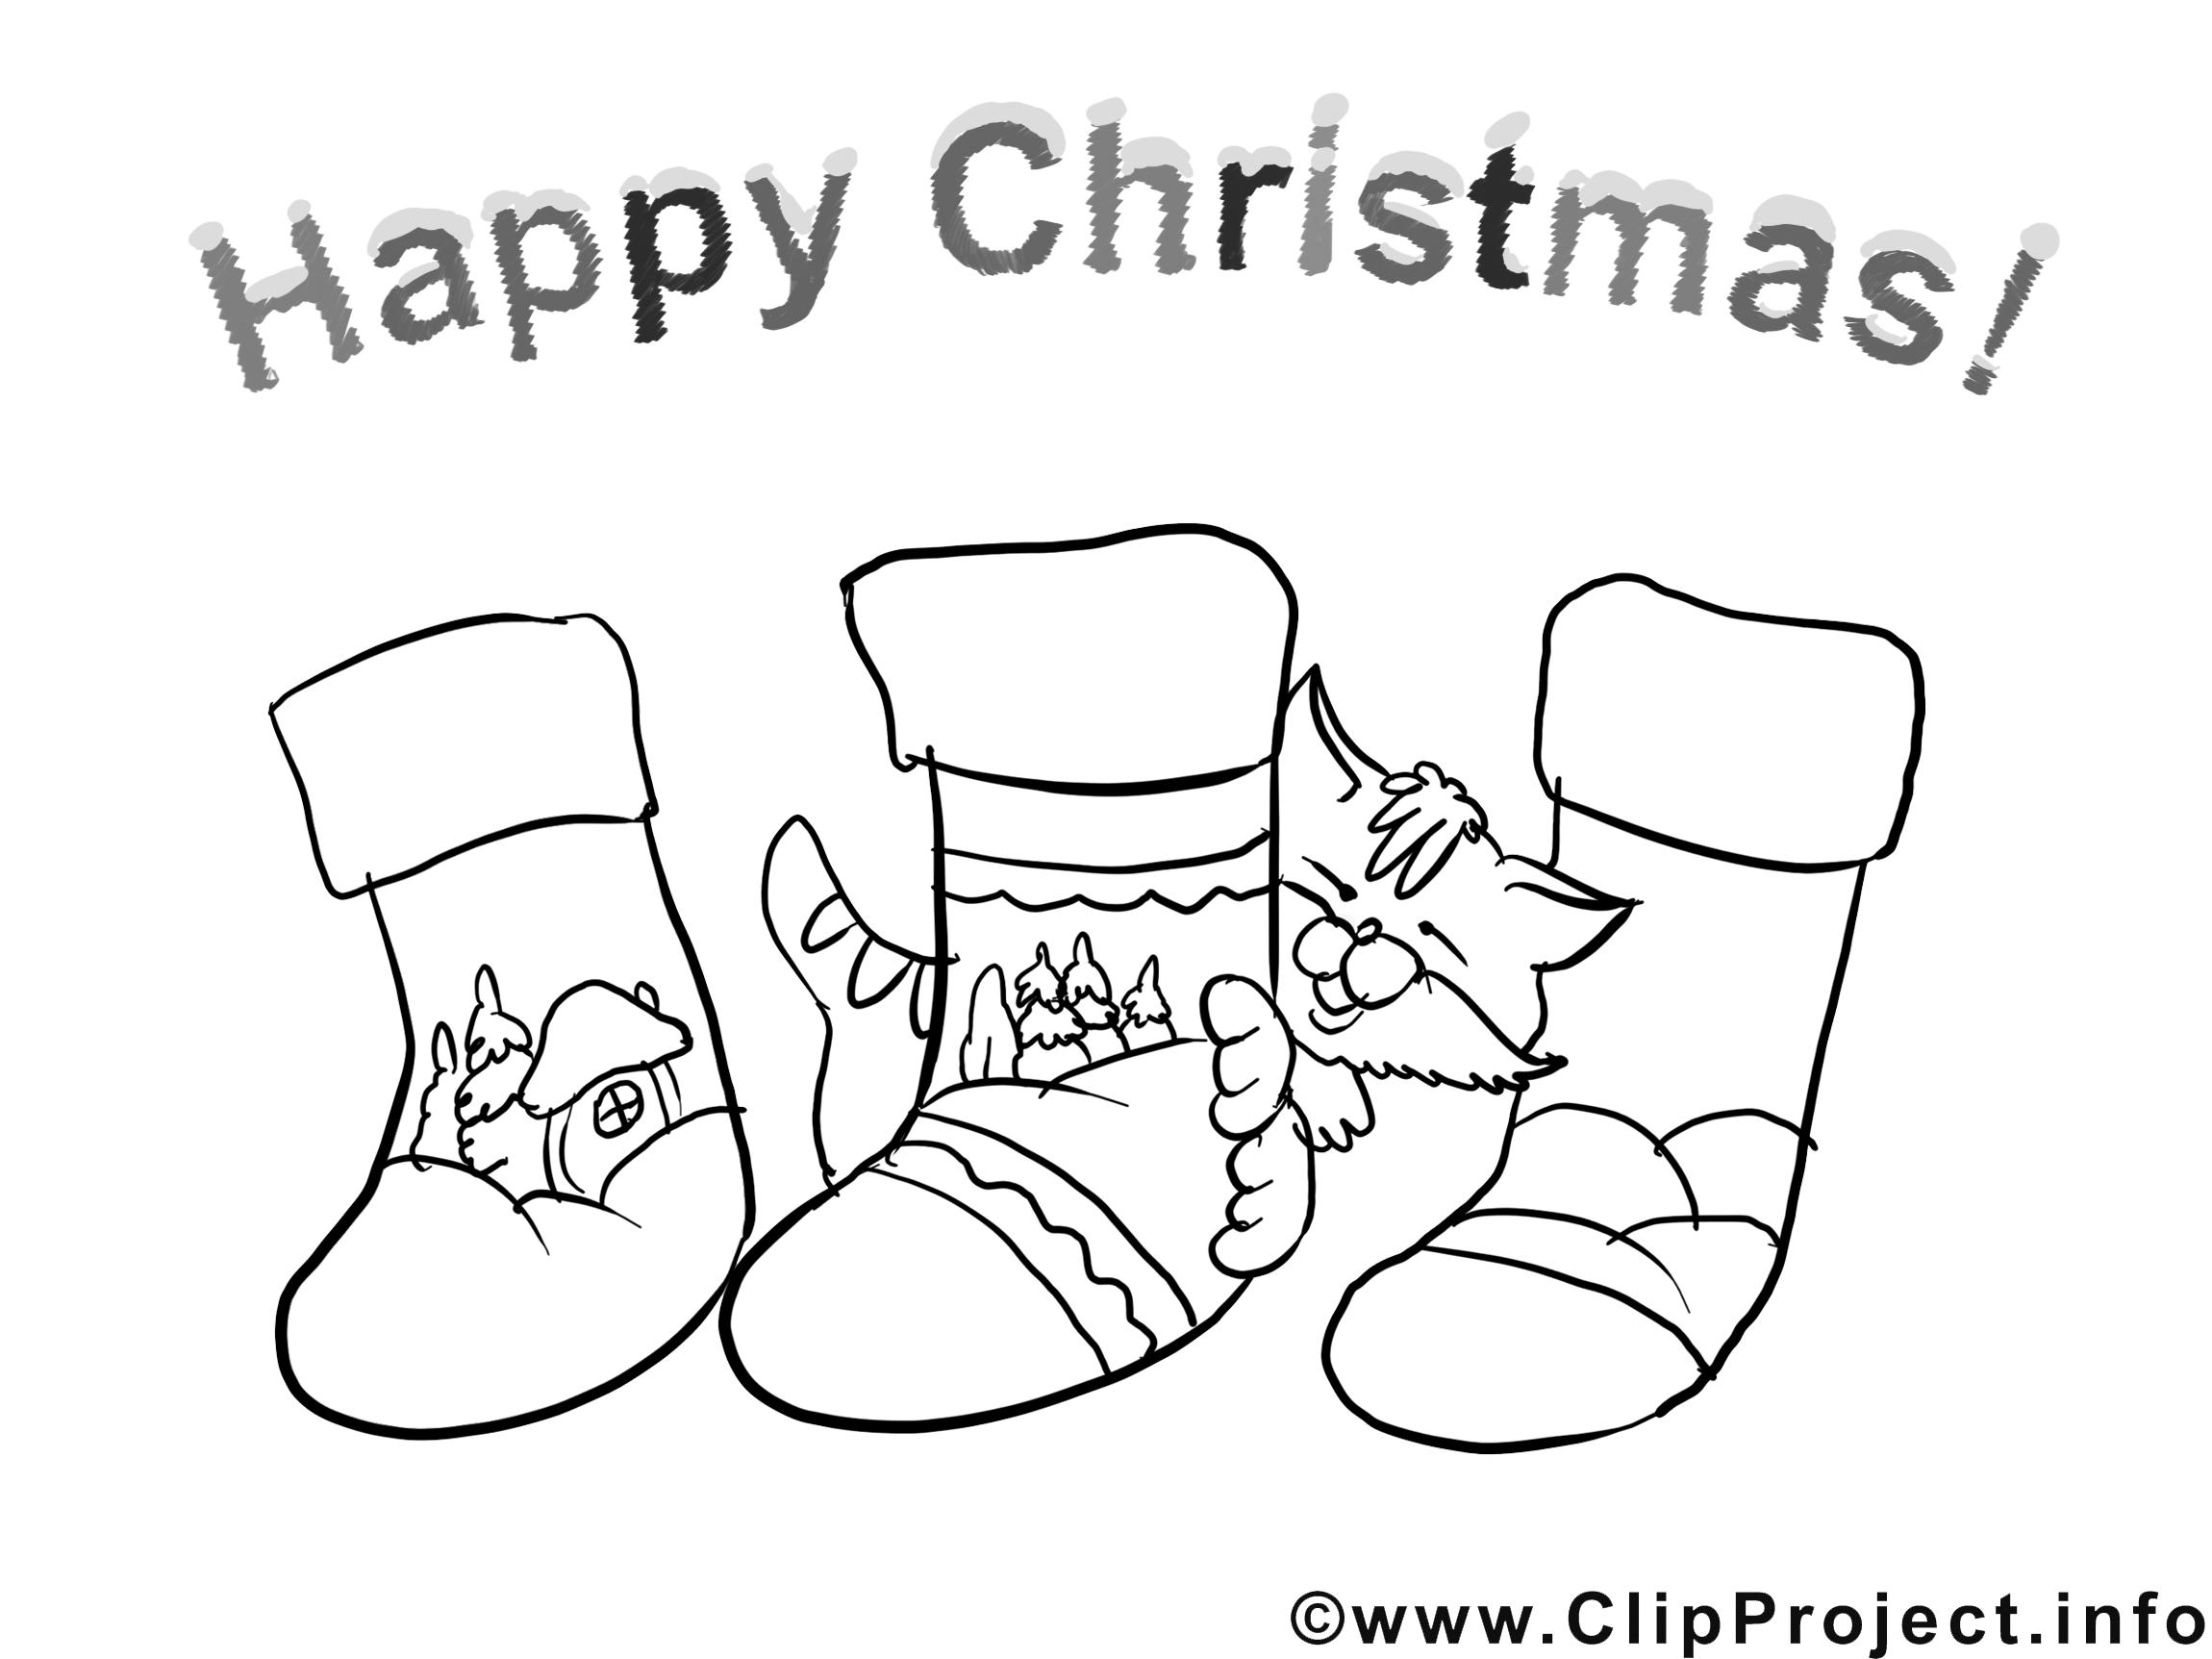 Chaussettes images gratuites – Noël à colorier